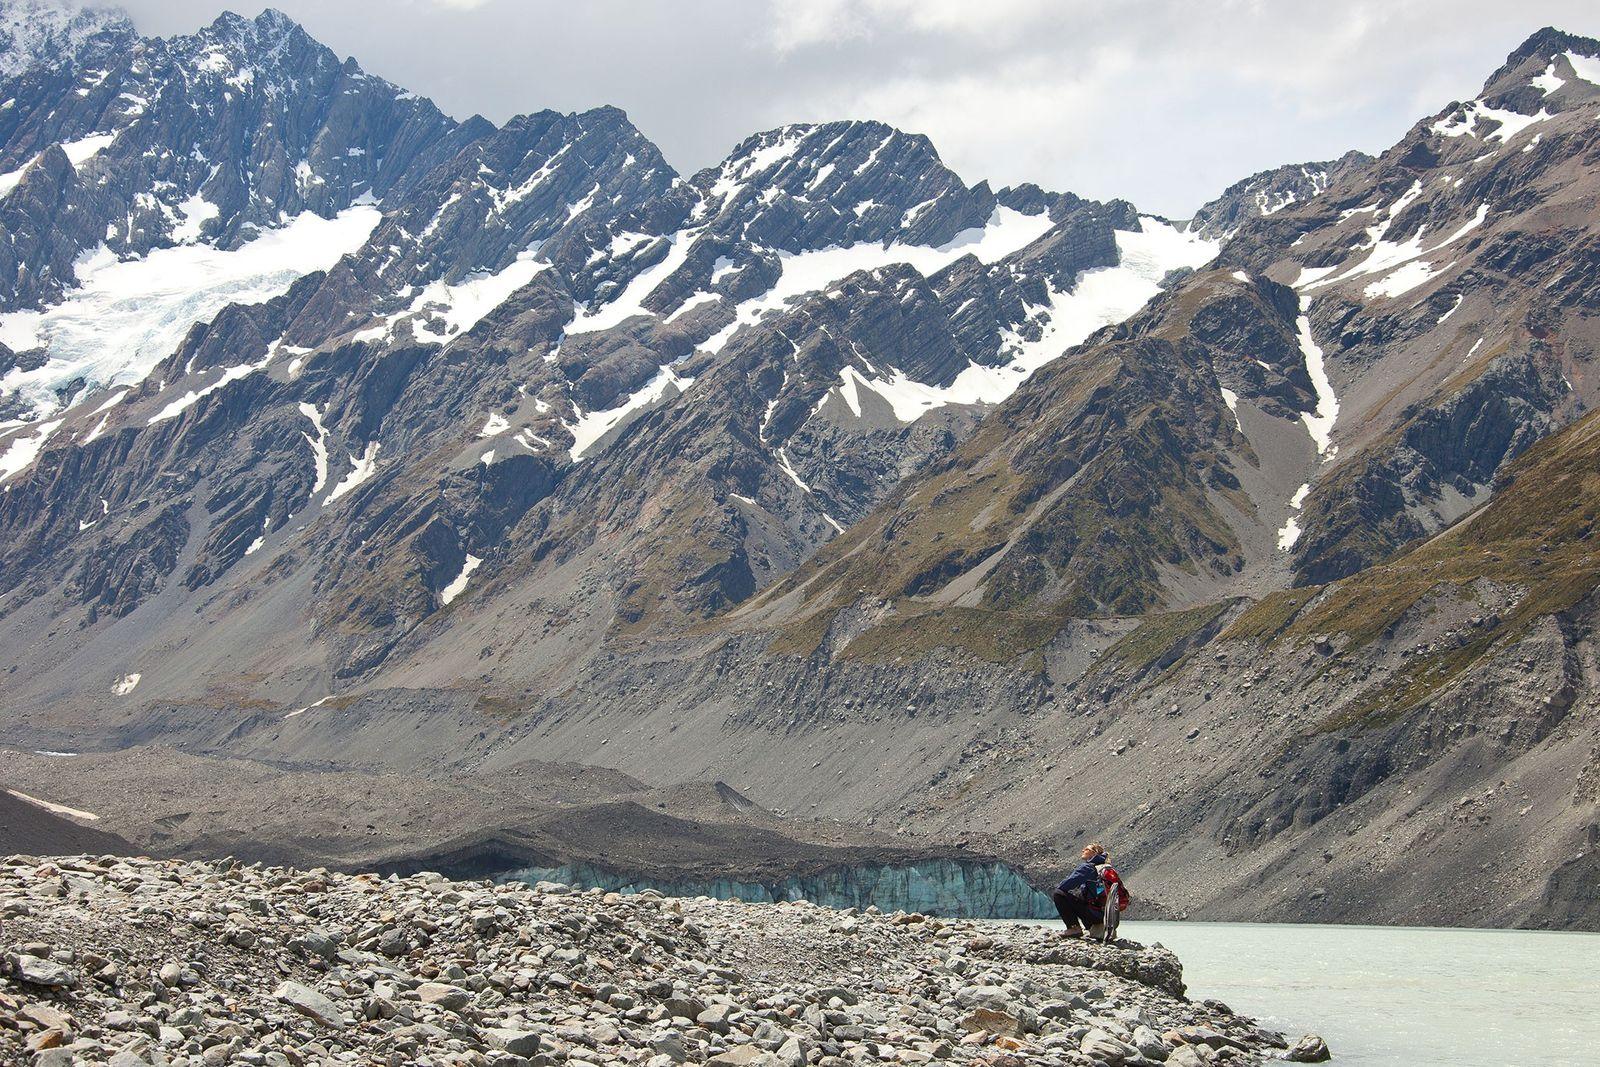 Imagen de excursionistas en el valle Hooker, caminando para llegar al glaciar Hooker